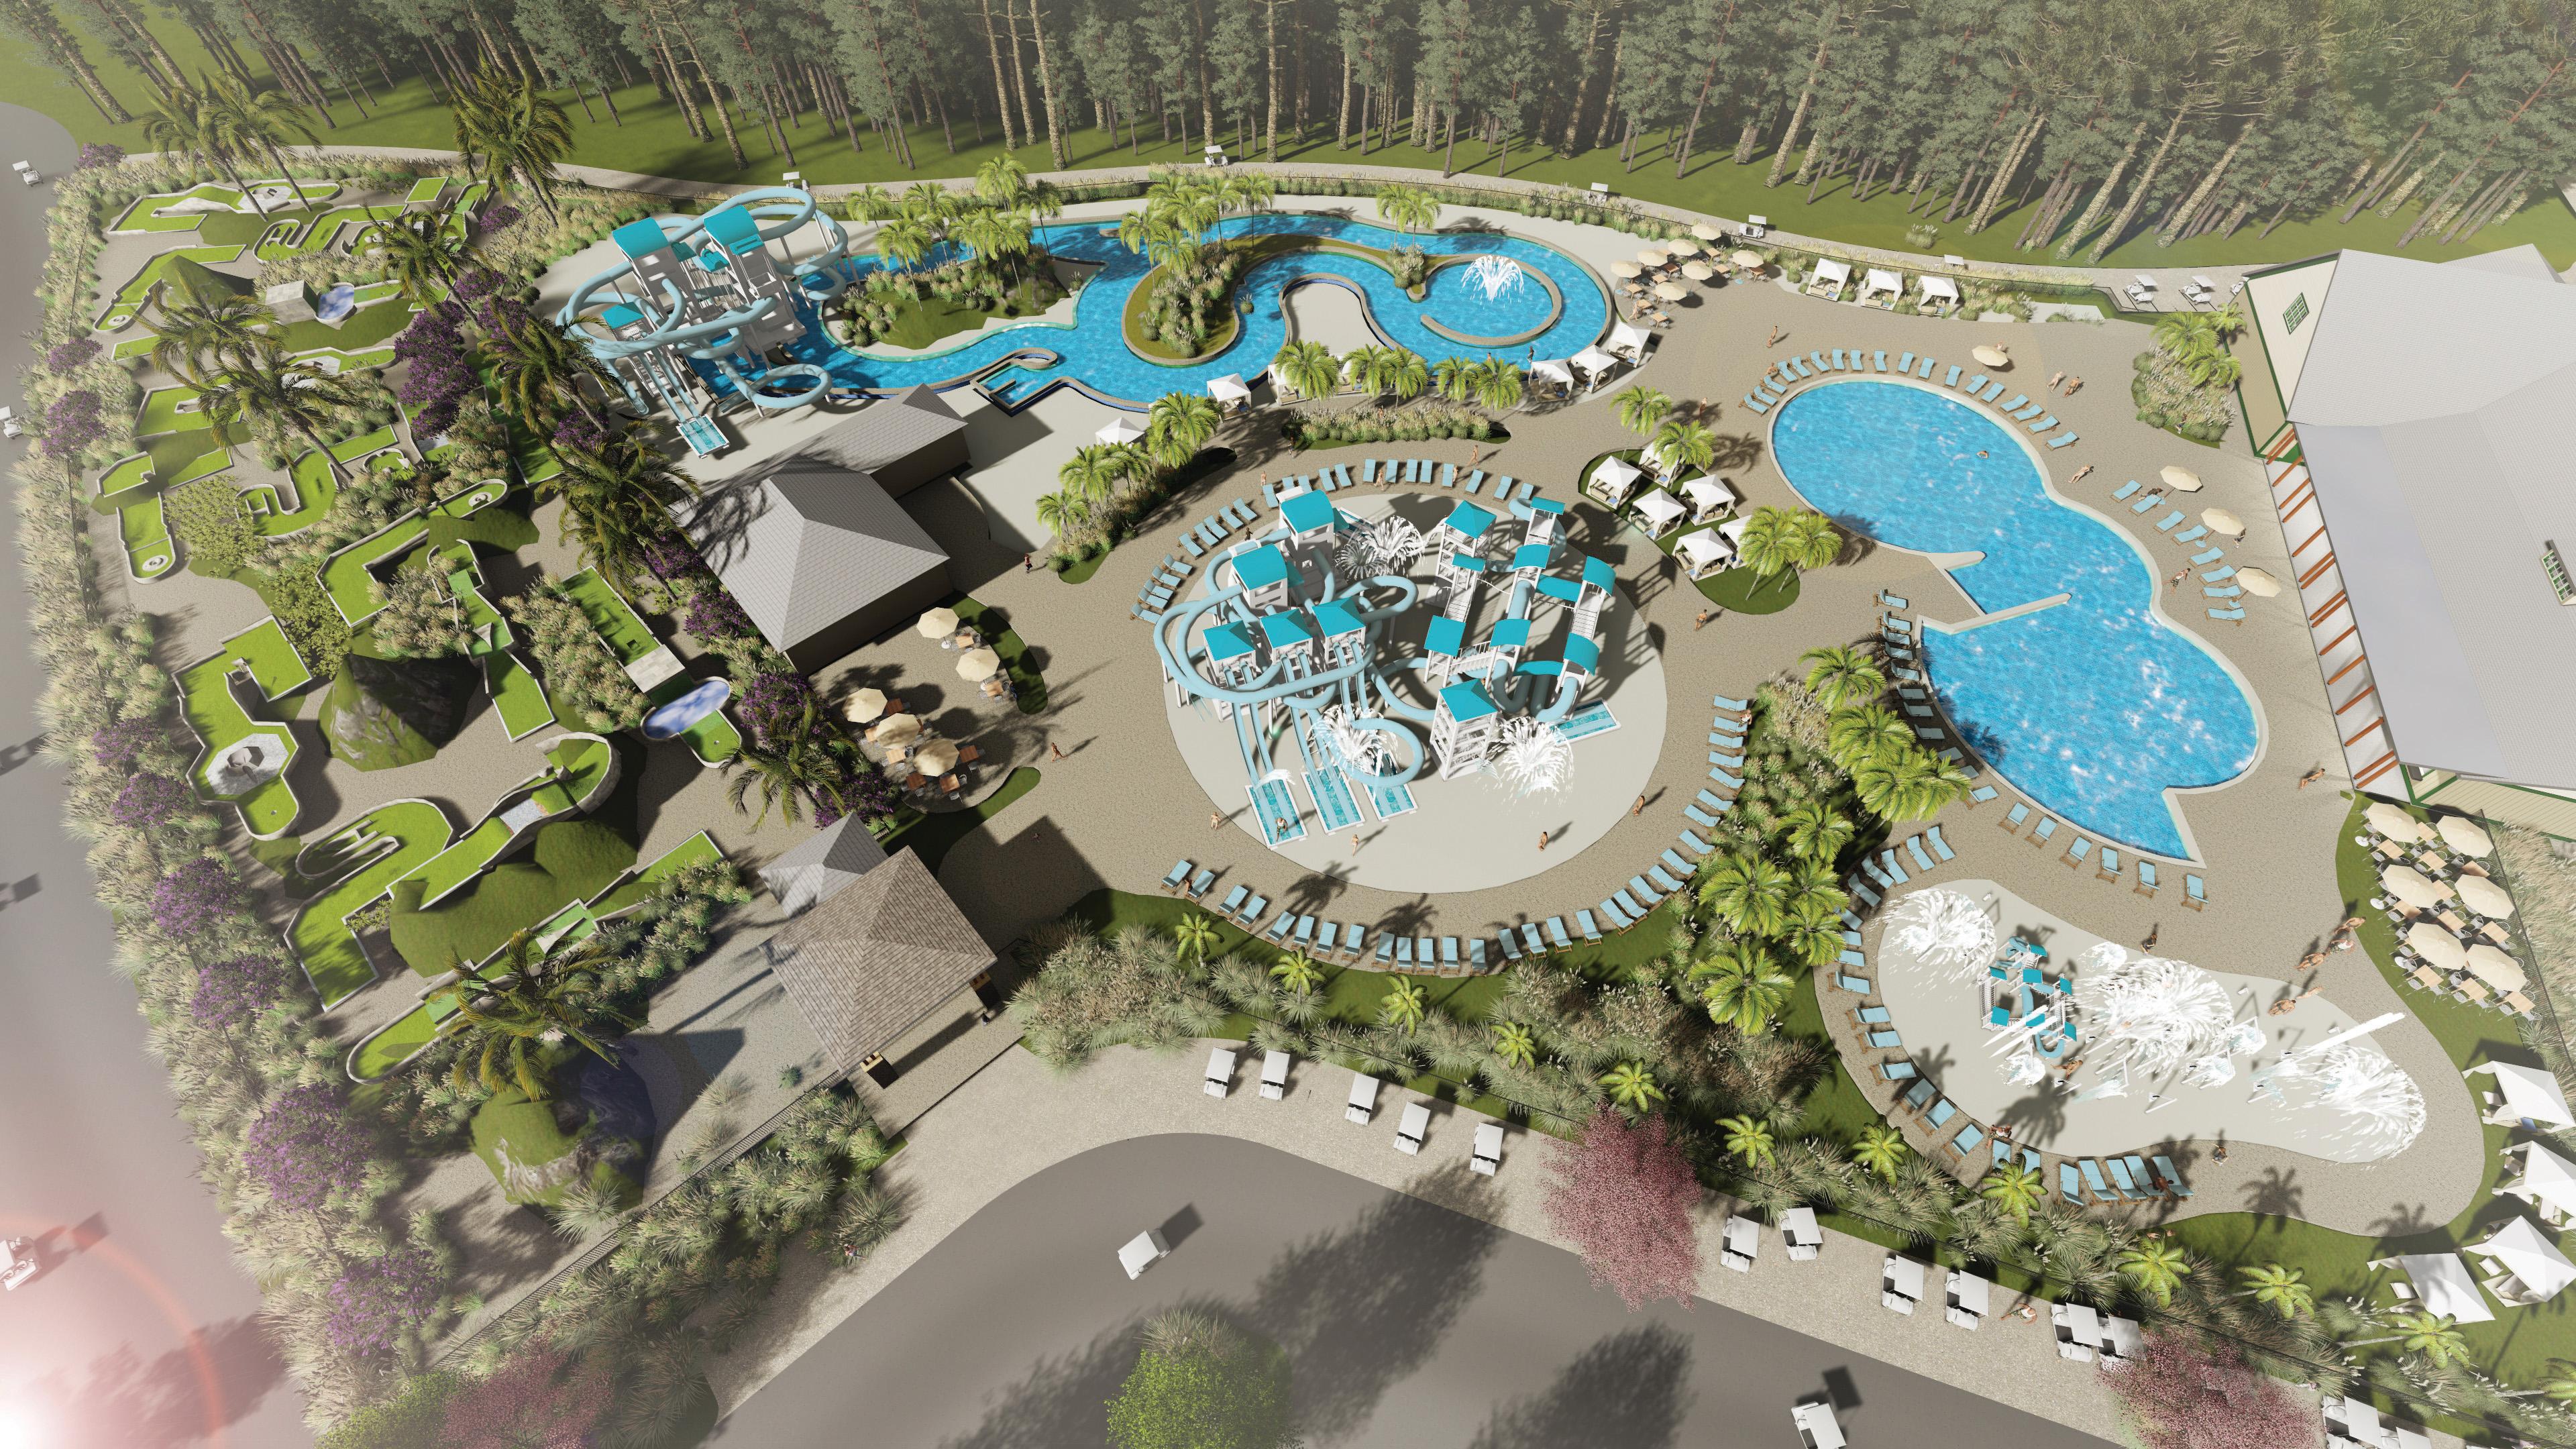 Brand New Carolina Pines Rv Resort Opening This Summer